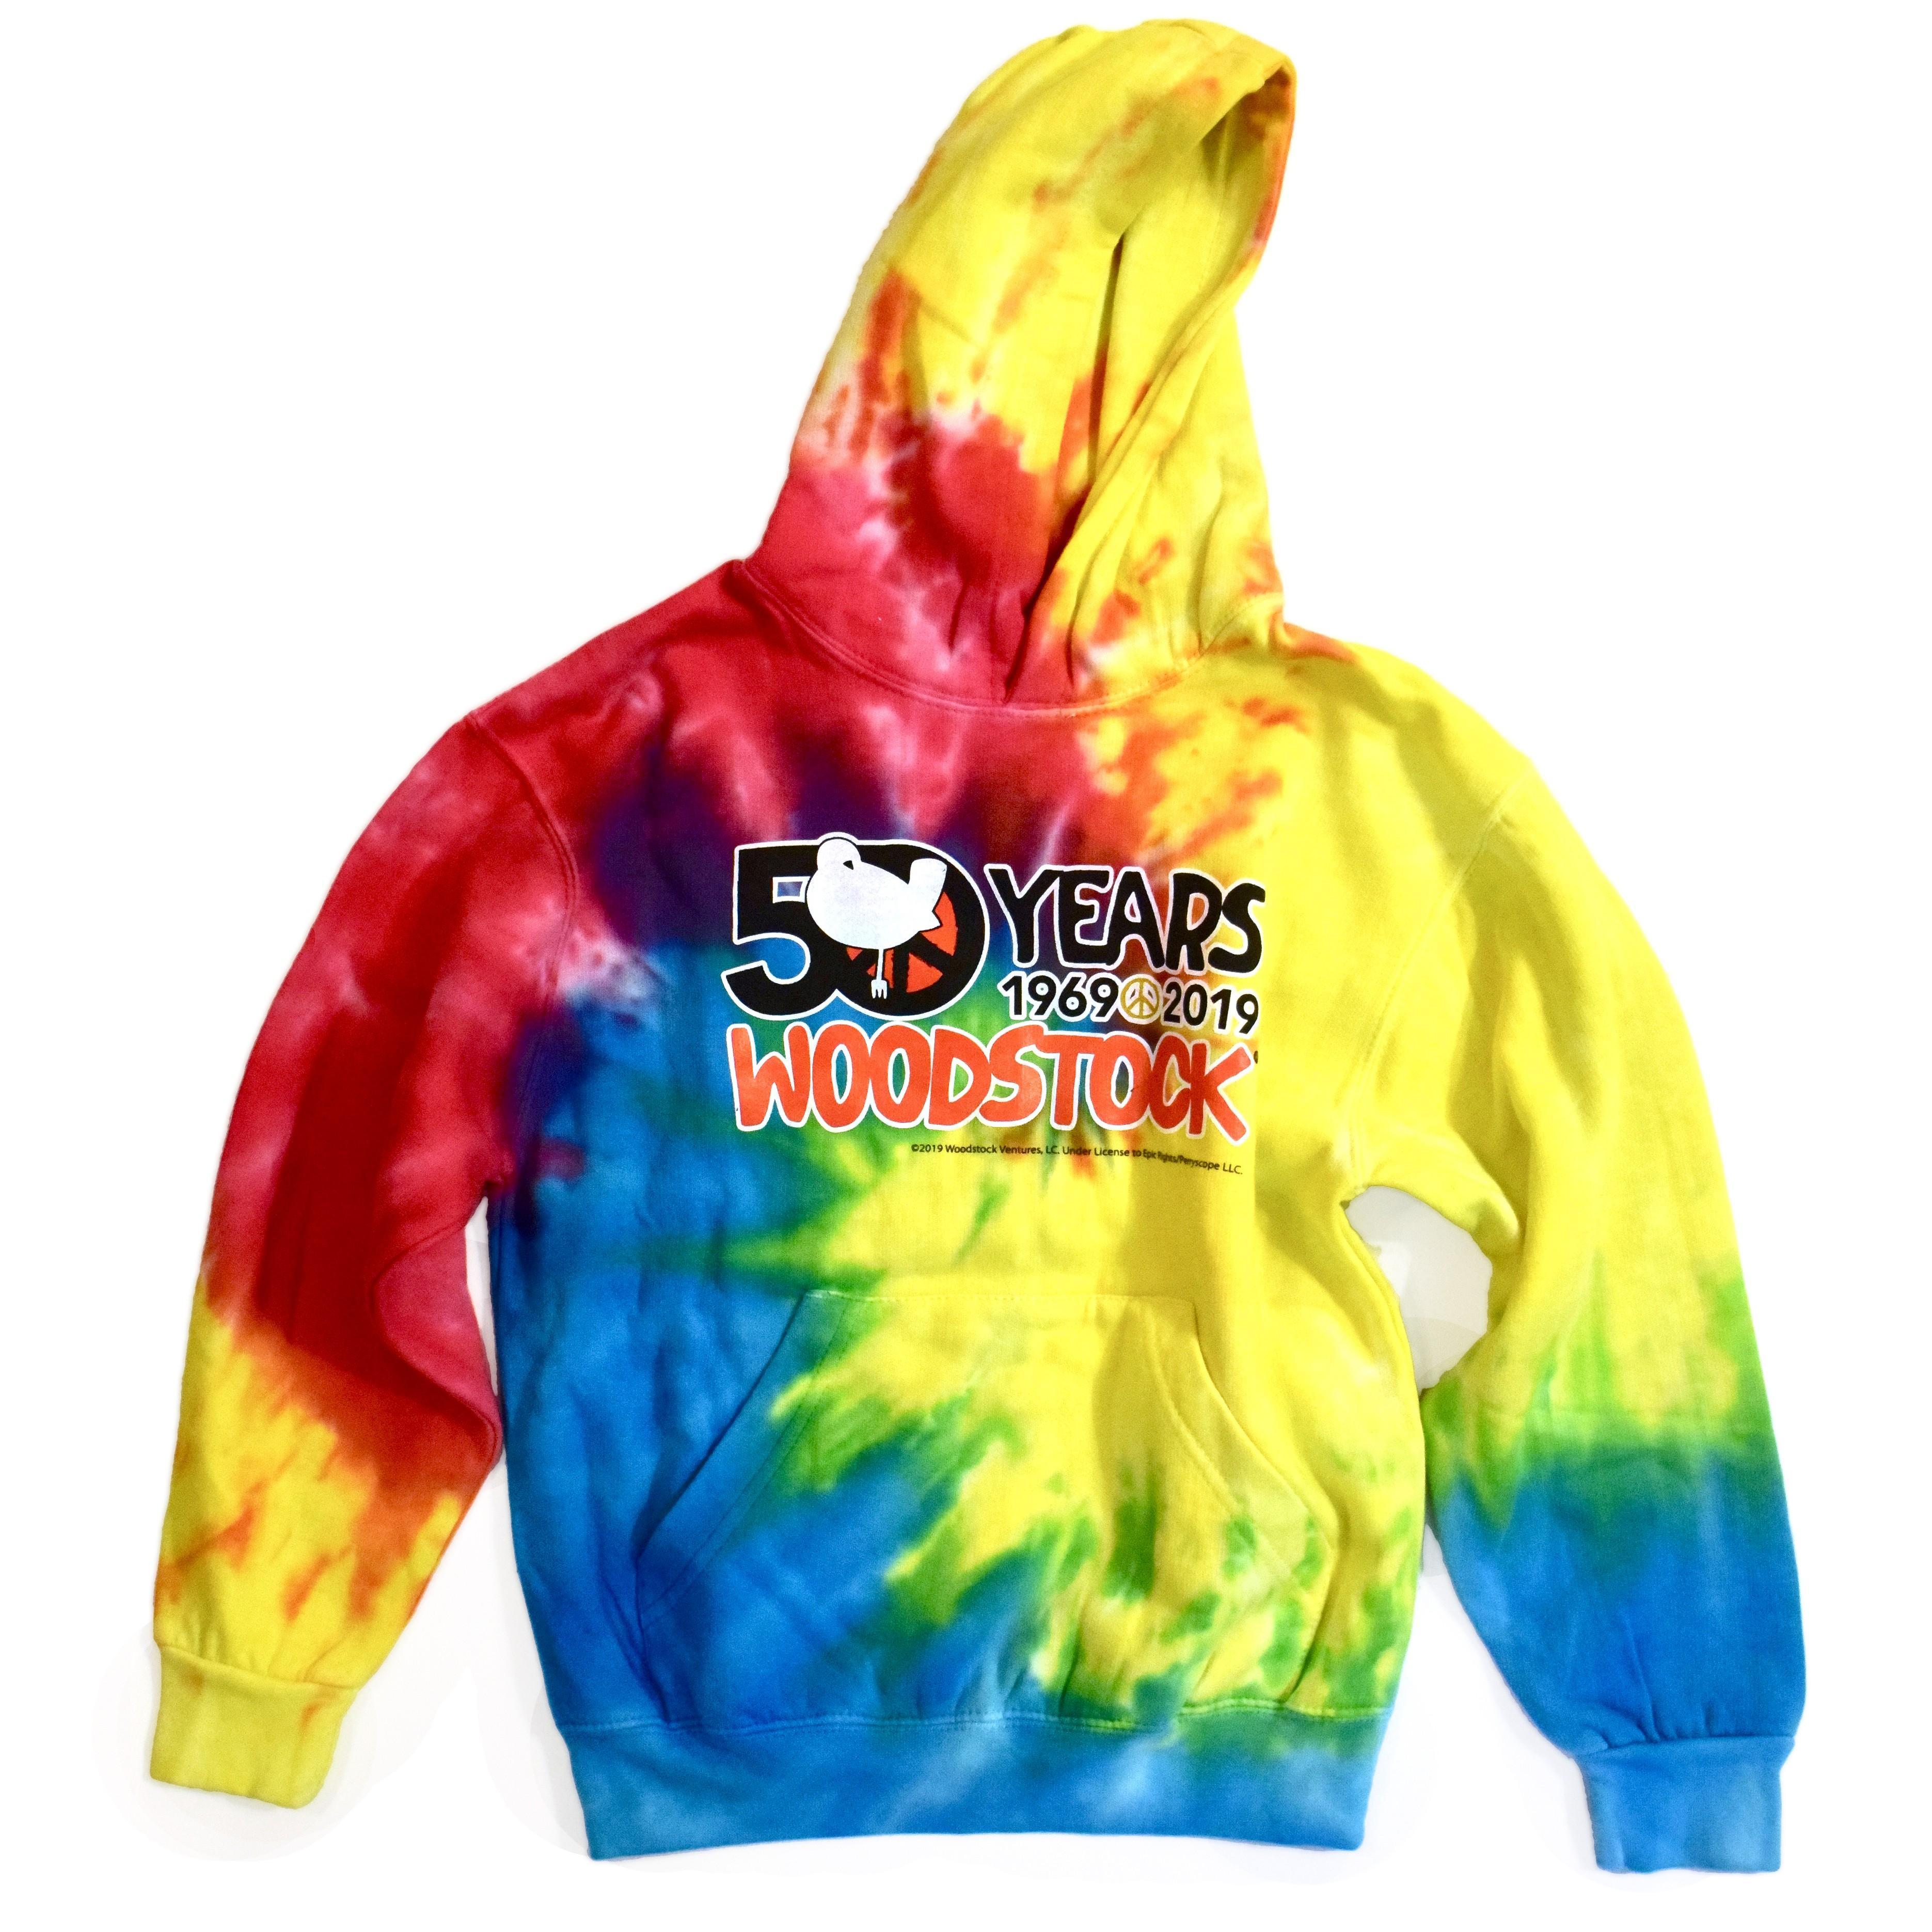 Vintage Woodstock 50th Youth Hoody